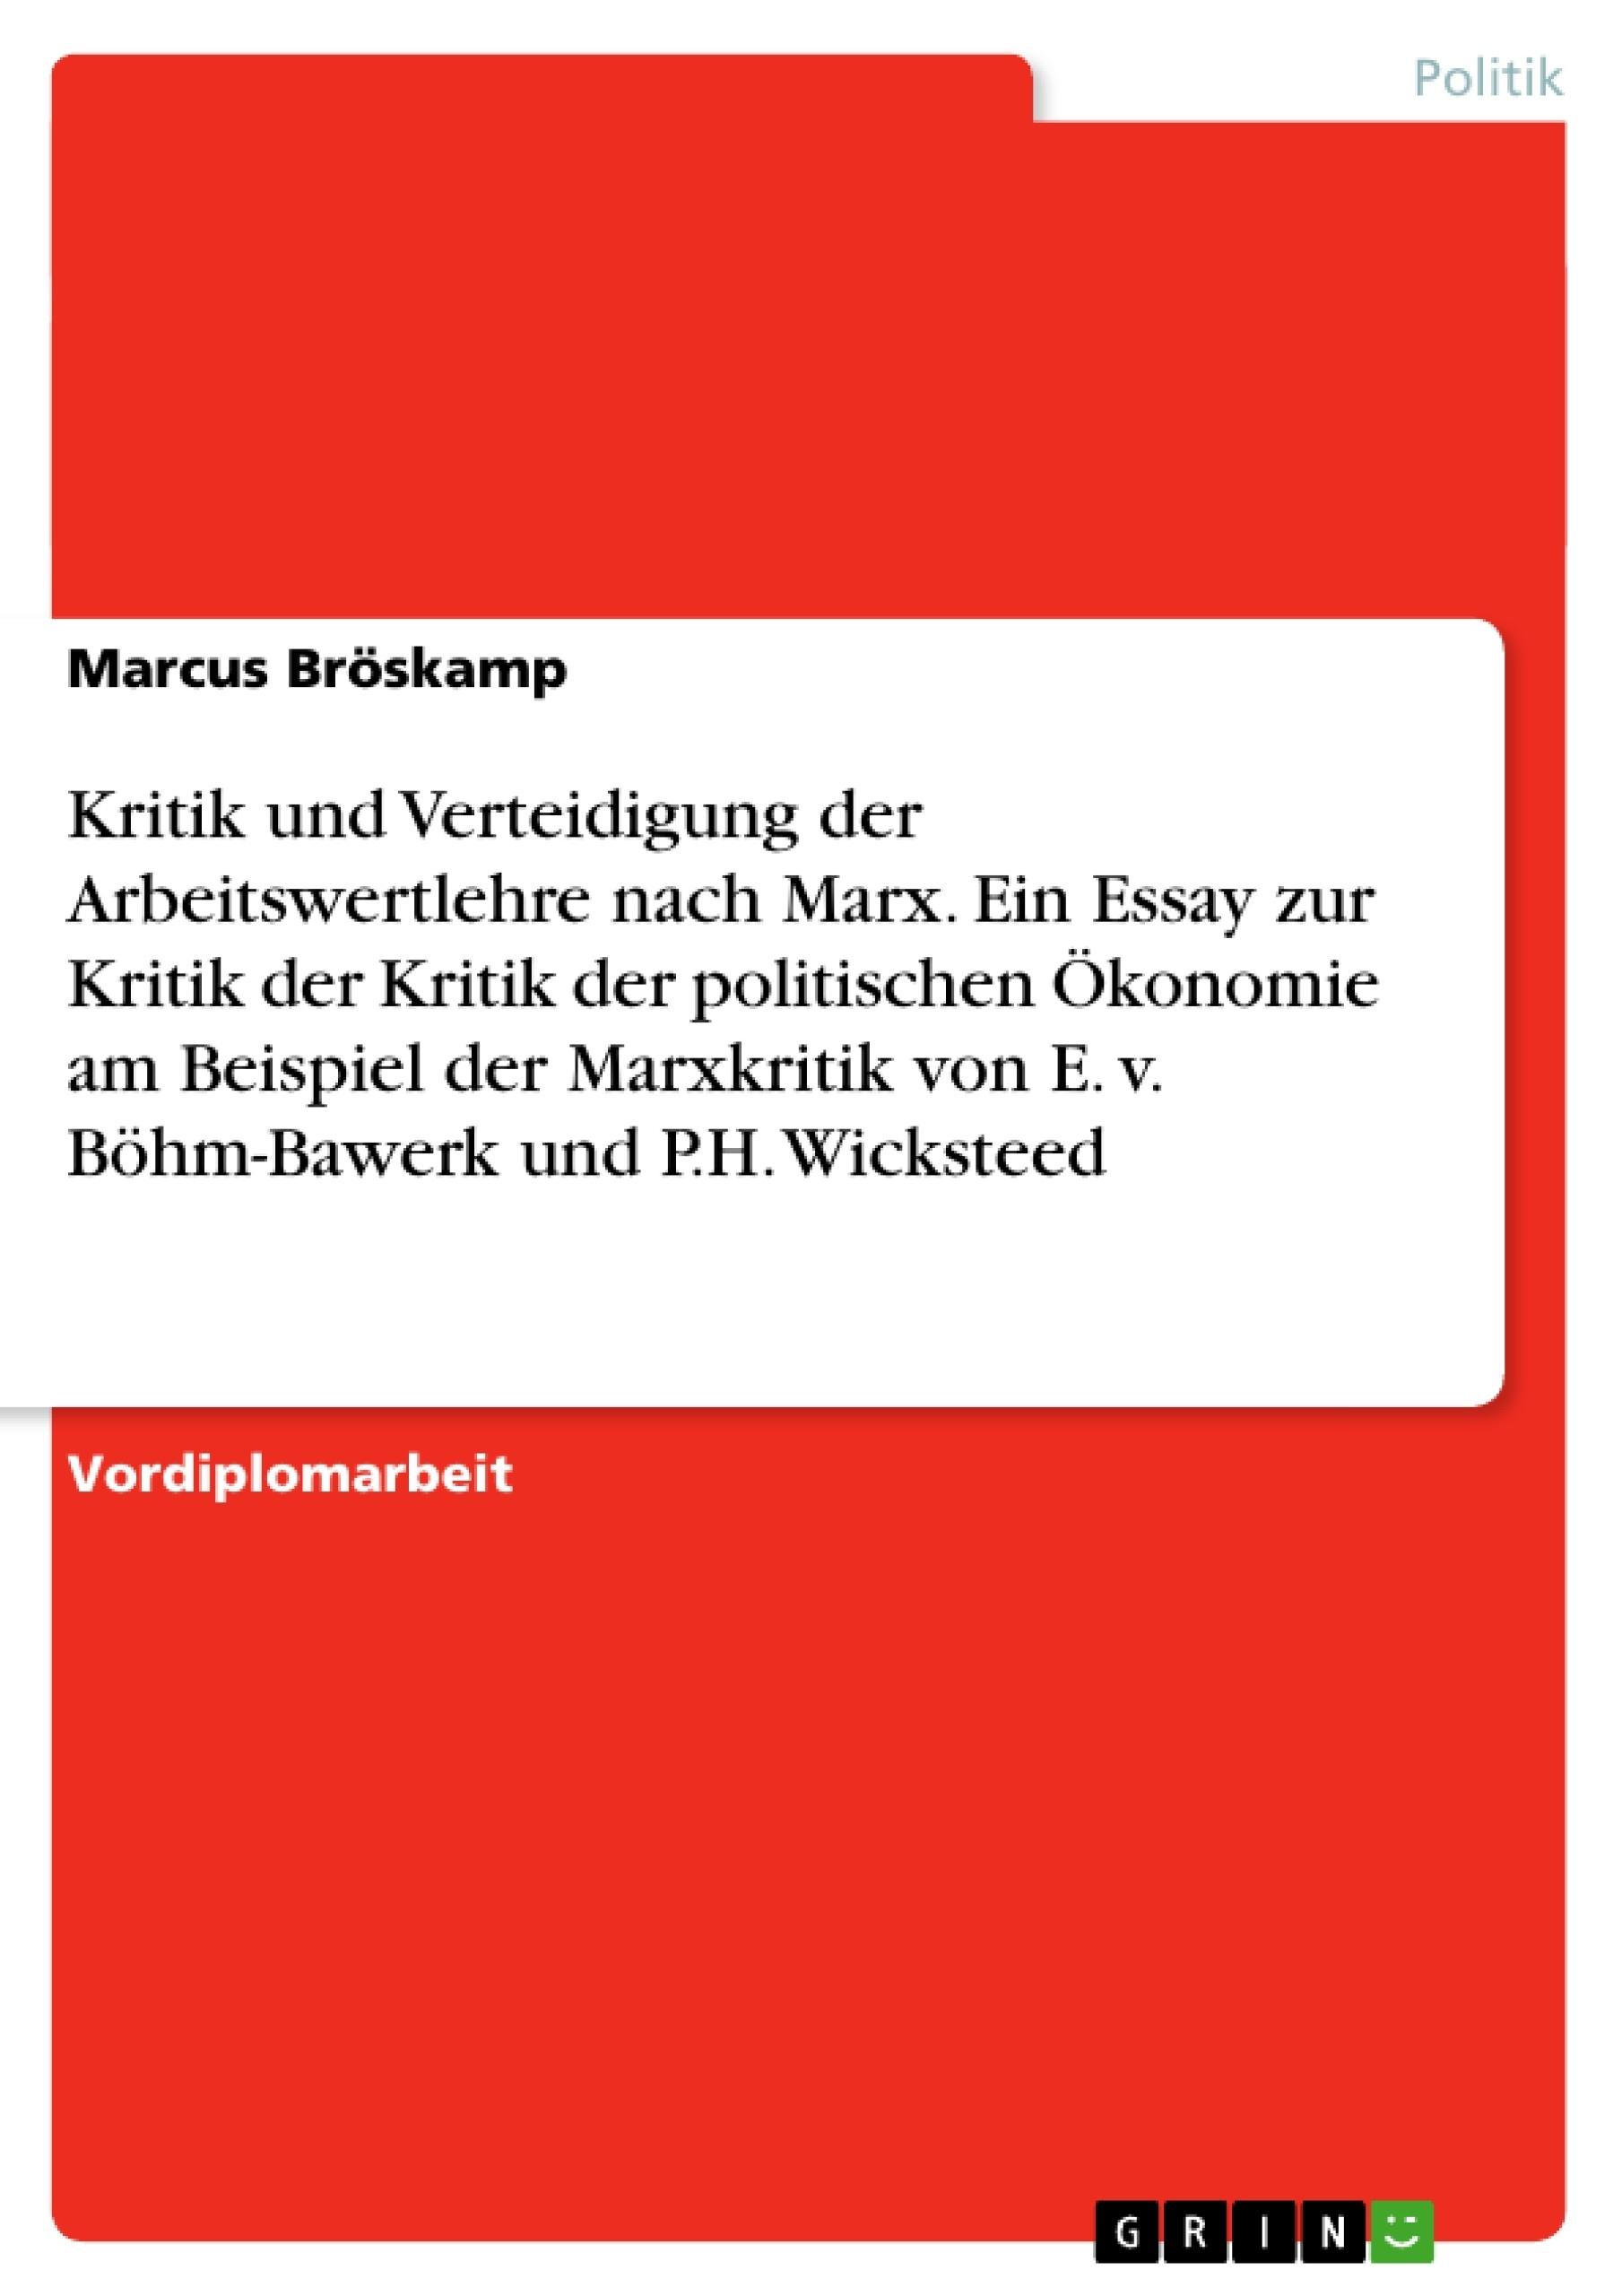 Titel: Kritik und Verteidigung der Arbeitswertlehre nach Marx. Ein Essay zur Kritik der Kritik der politischen Ökonomie am Beispiel der Marxkritik von E. v. Böhm-Bawerk und P.H. Wicksteed